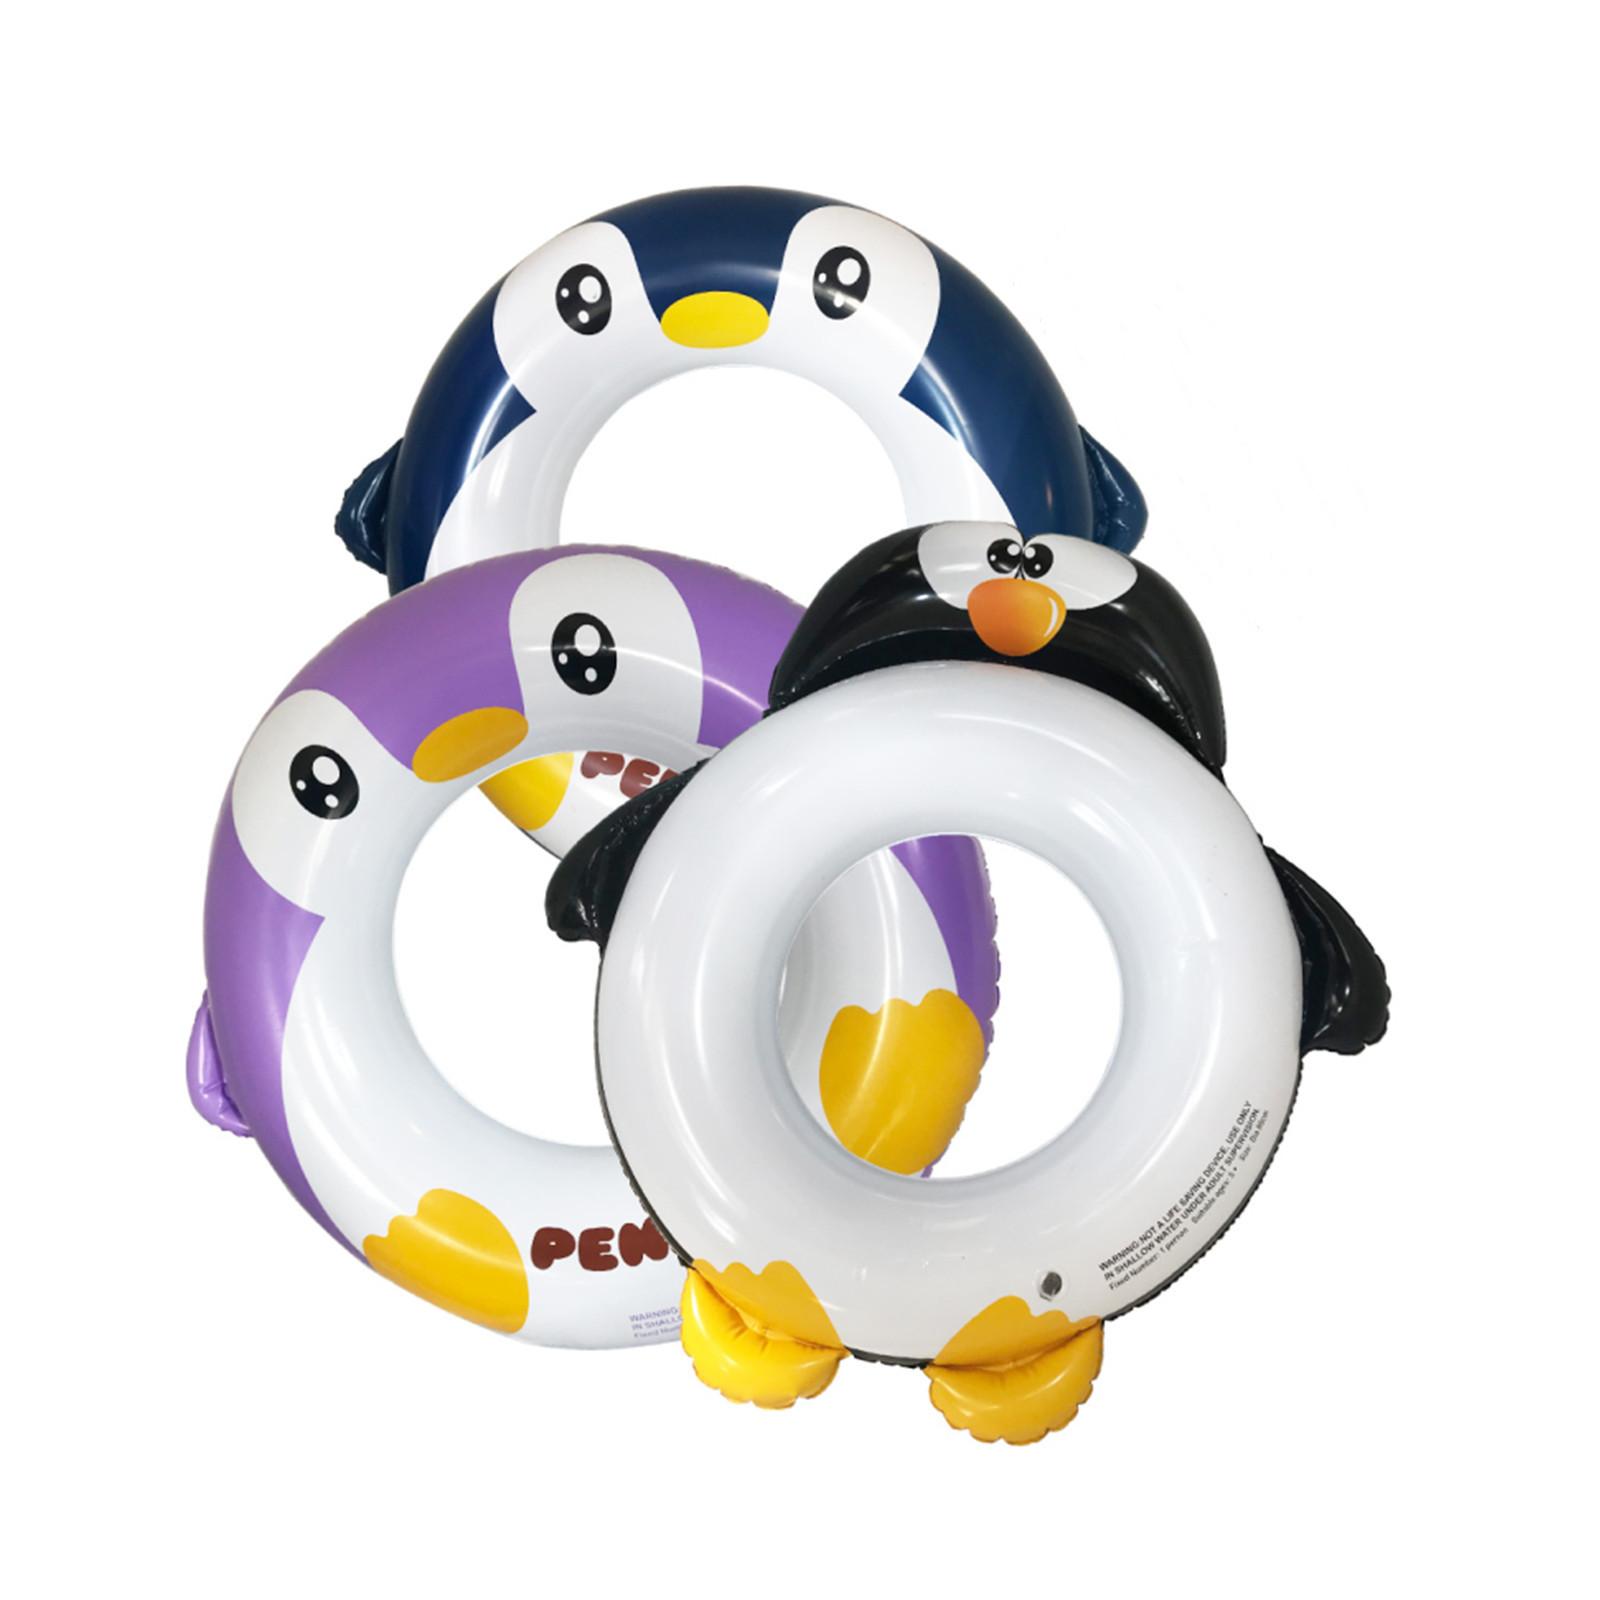 3个装企鹅充气游泳圈, PVC材质加厚儿童游泳圈